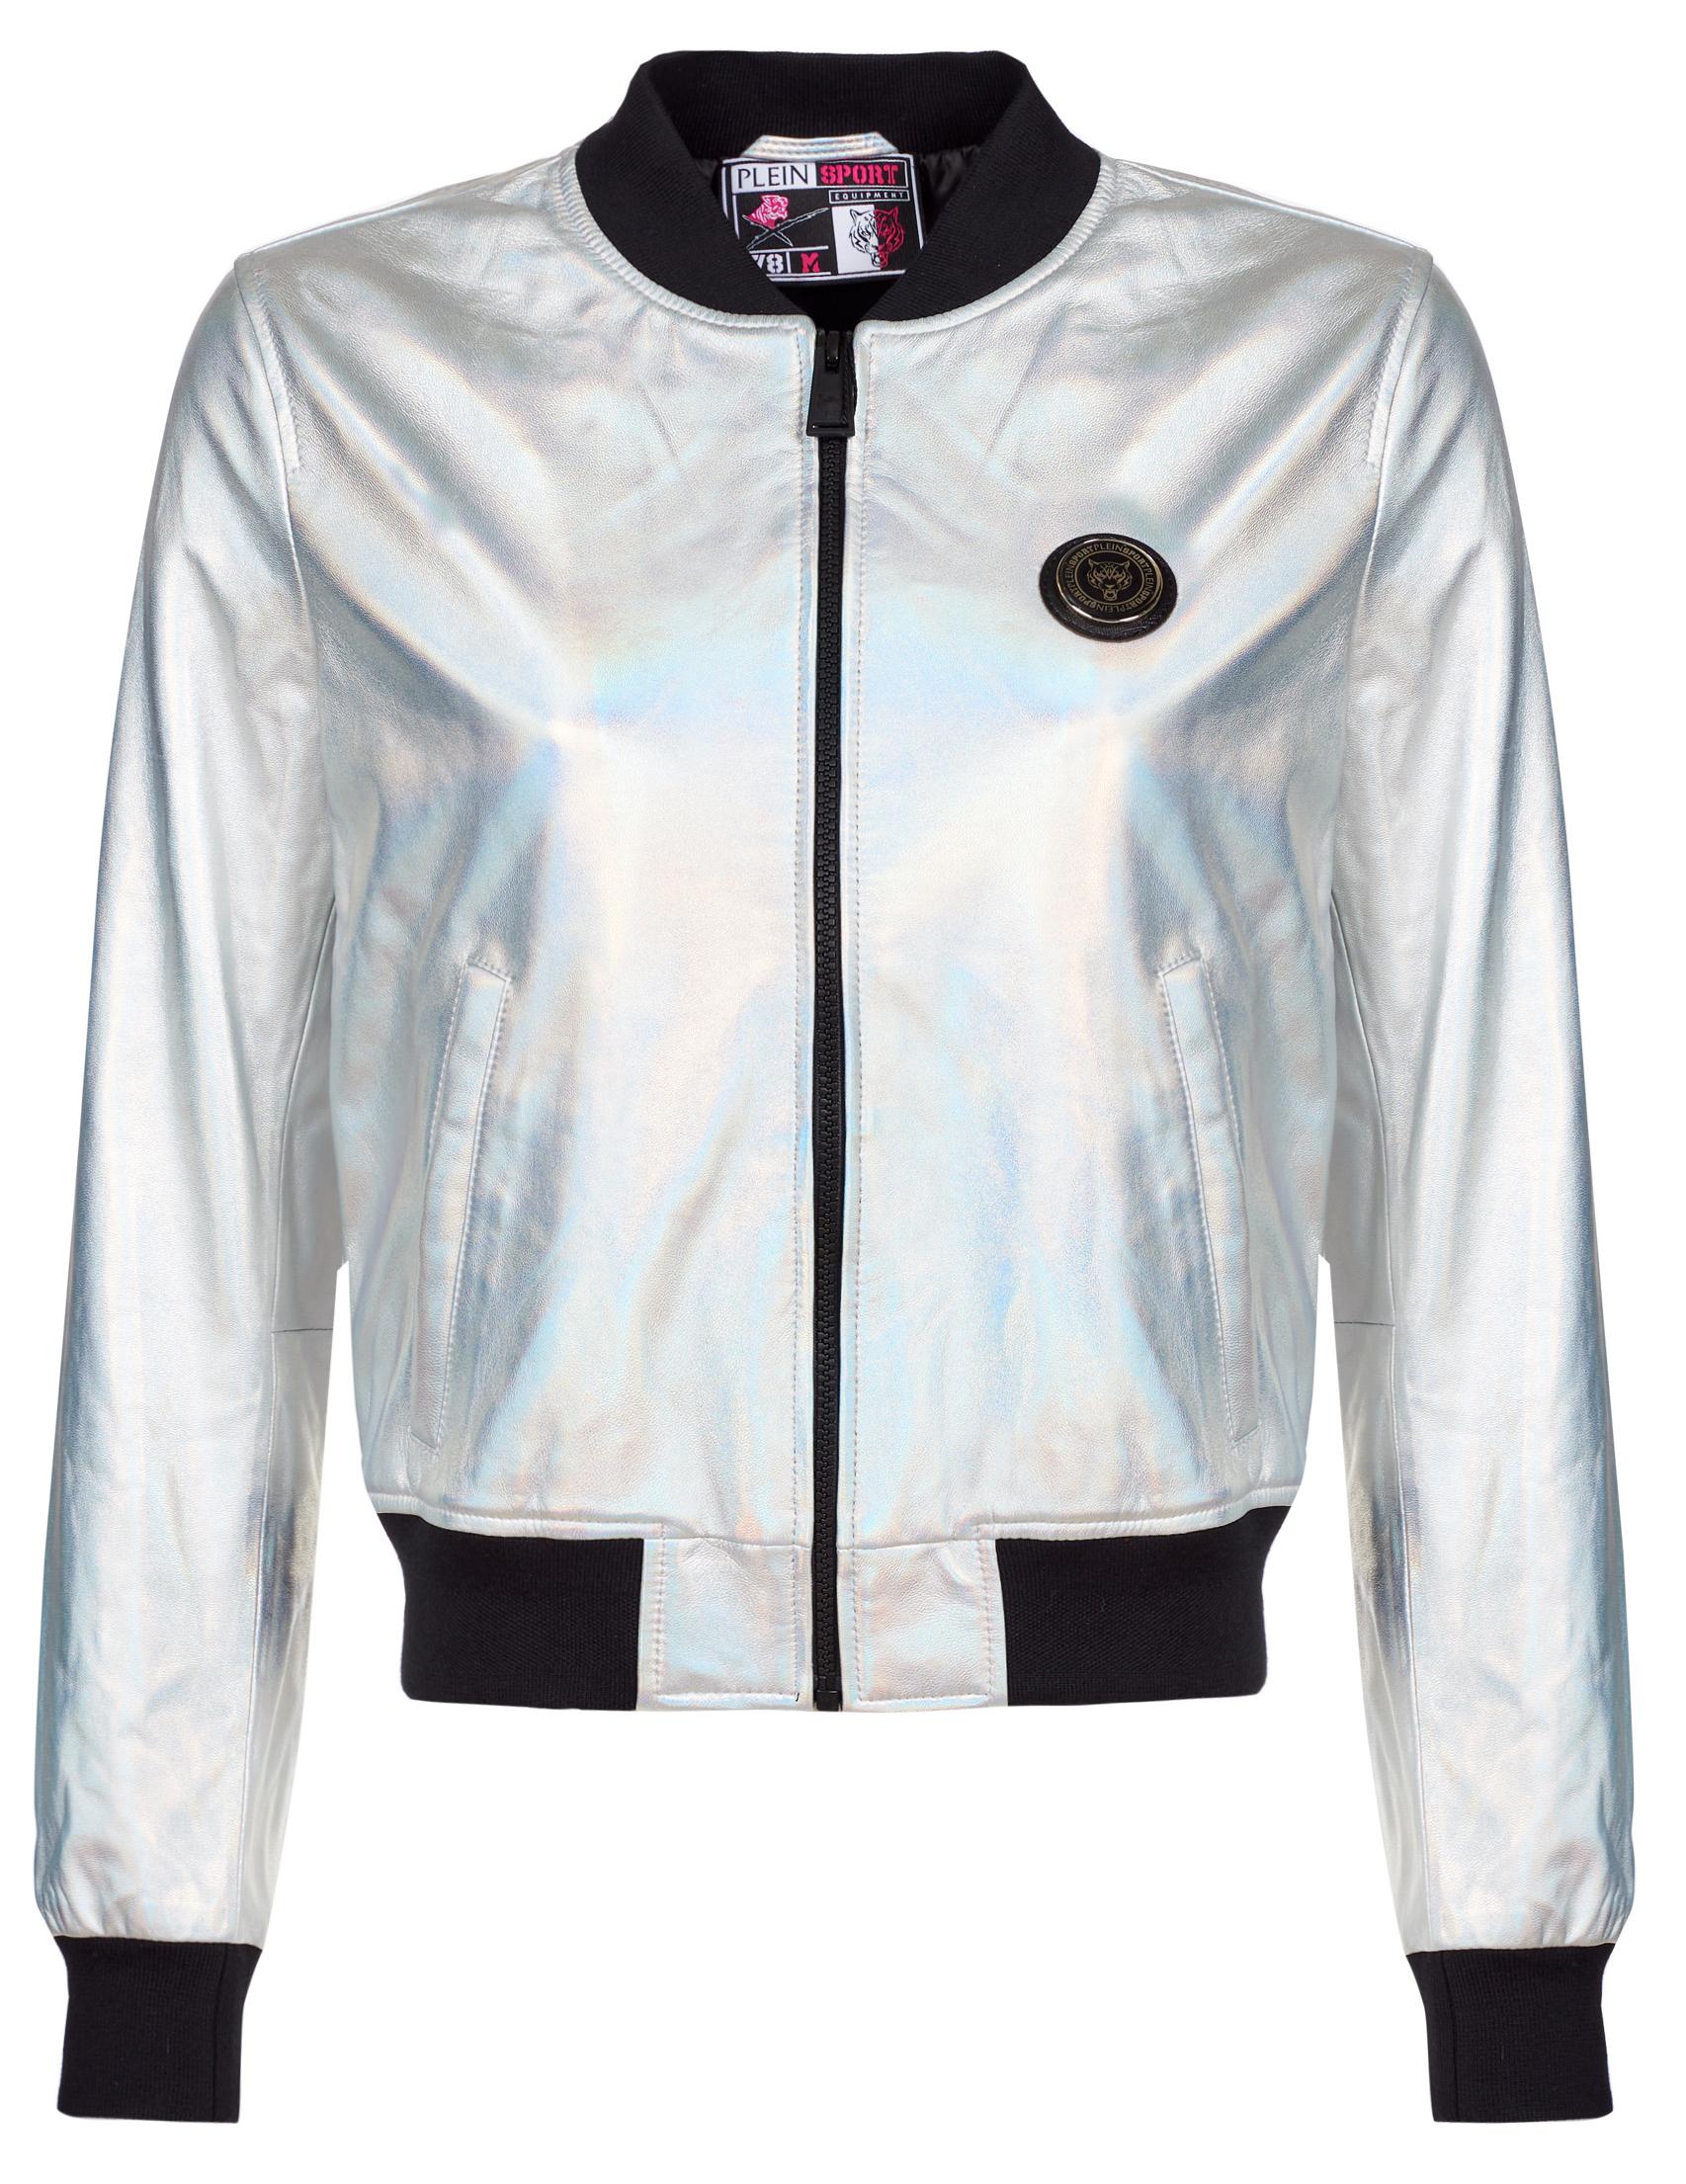 Куртки, Куртка, PLEIN SPORT, Серебряный, 100%Кожа;100%Полиэстер, Осень-Зима  - купить со скидкой